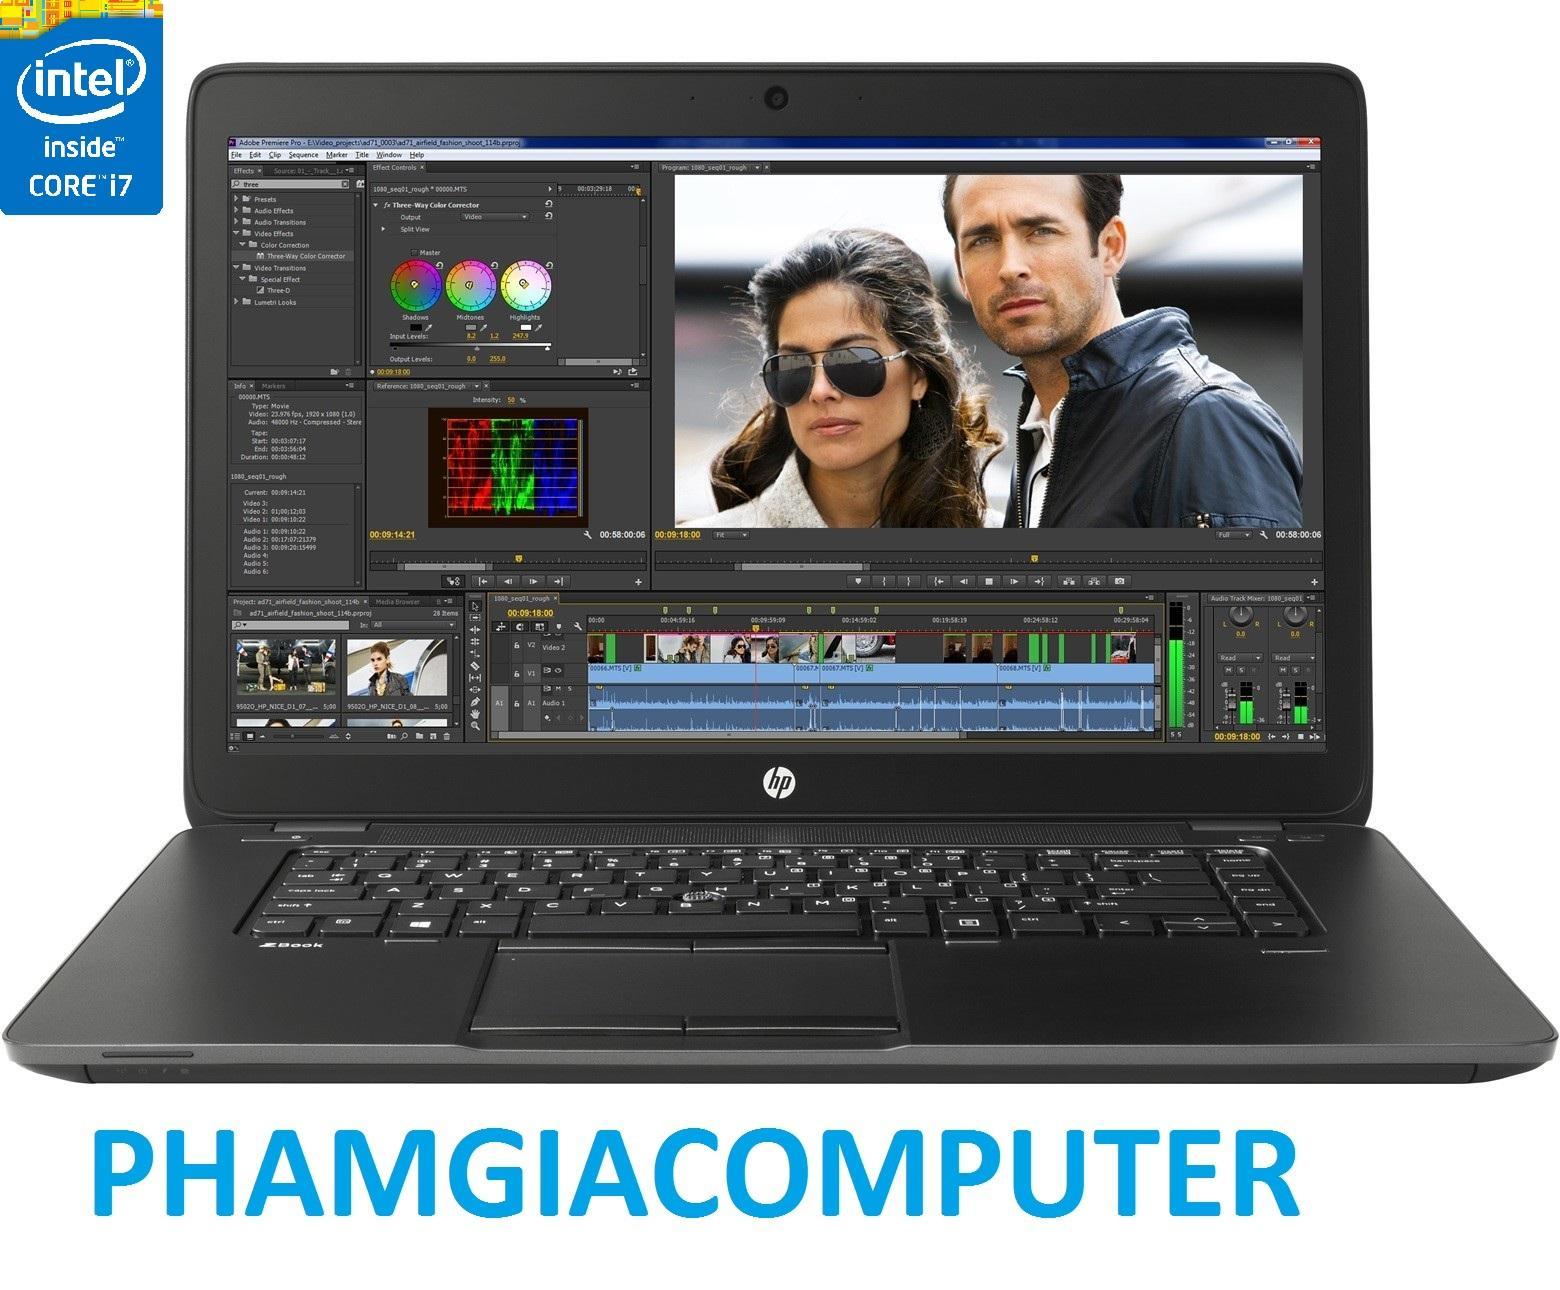 Laptop Máy trạm Hp  Zbook 15 Core i7 4700MQ (8cpus) Ram 16G SSD 480G  VGA Quadro K1100 Chuyên đồ hoạ, Game GTA5- Tặng Balo, chuột wireless-Hàng nhập khẩu